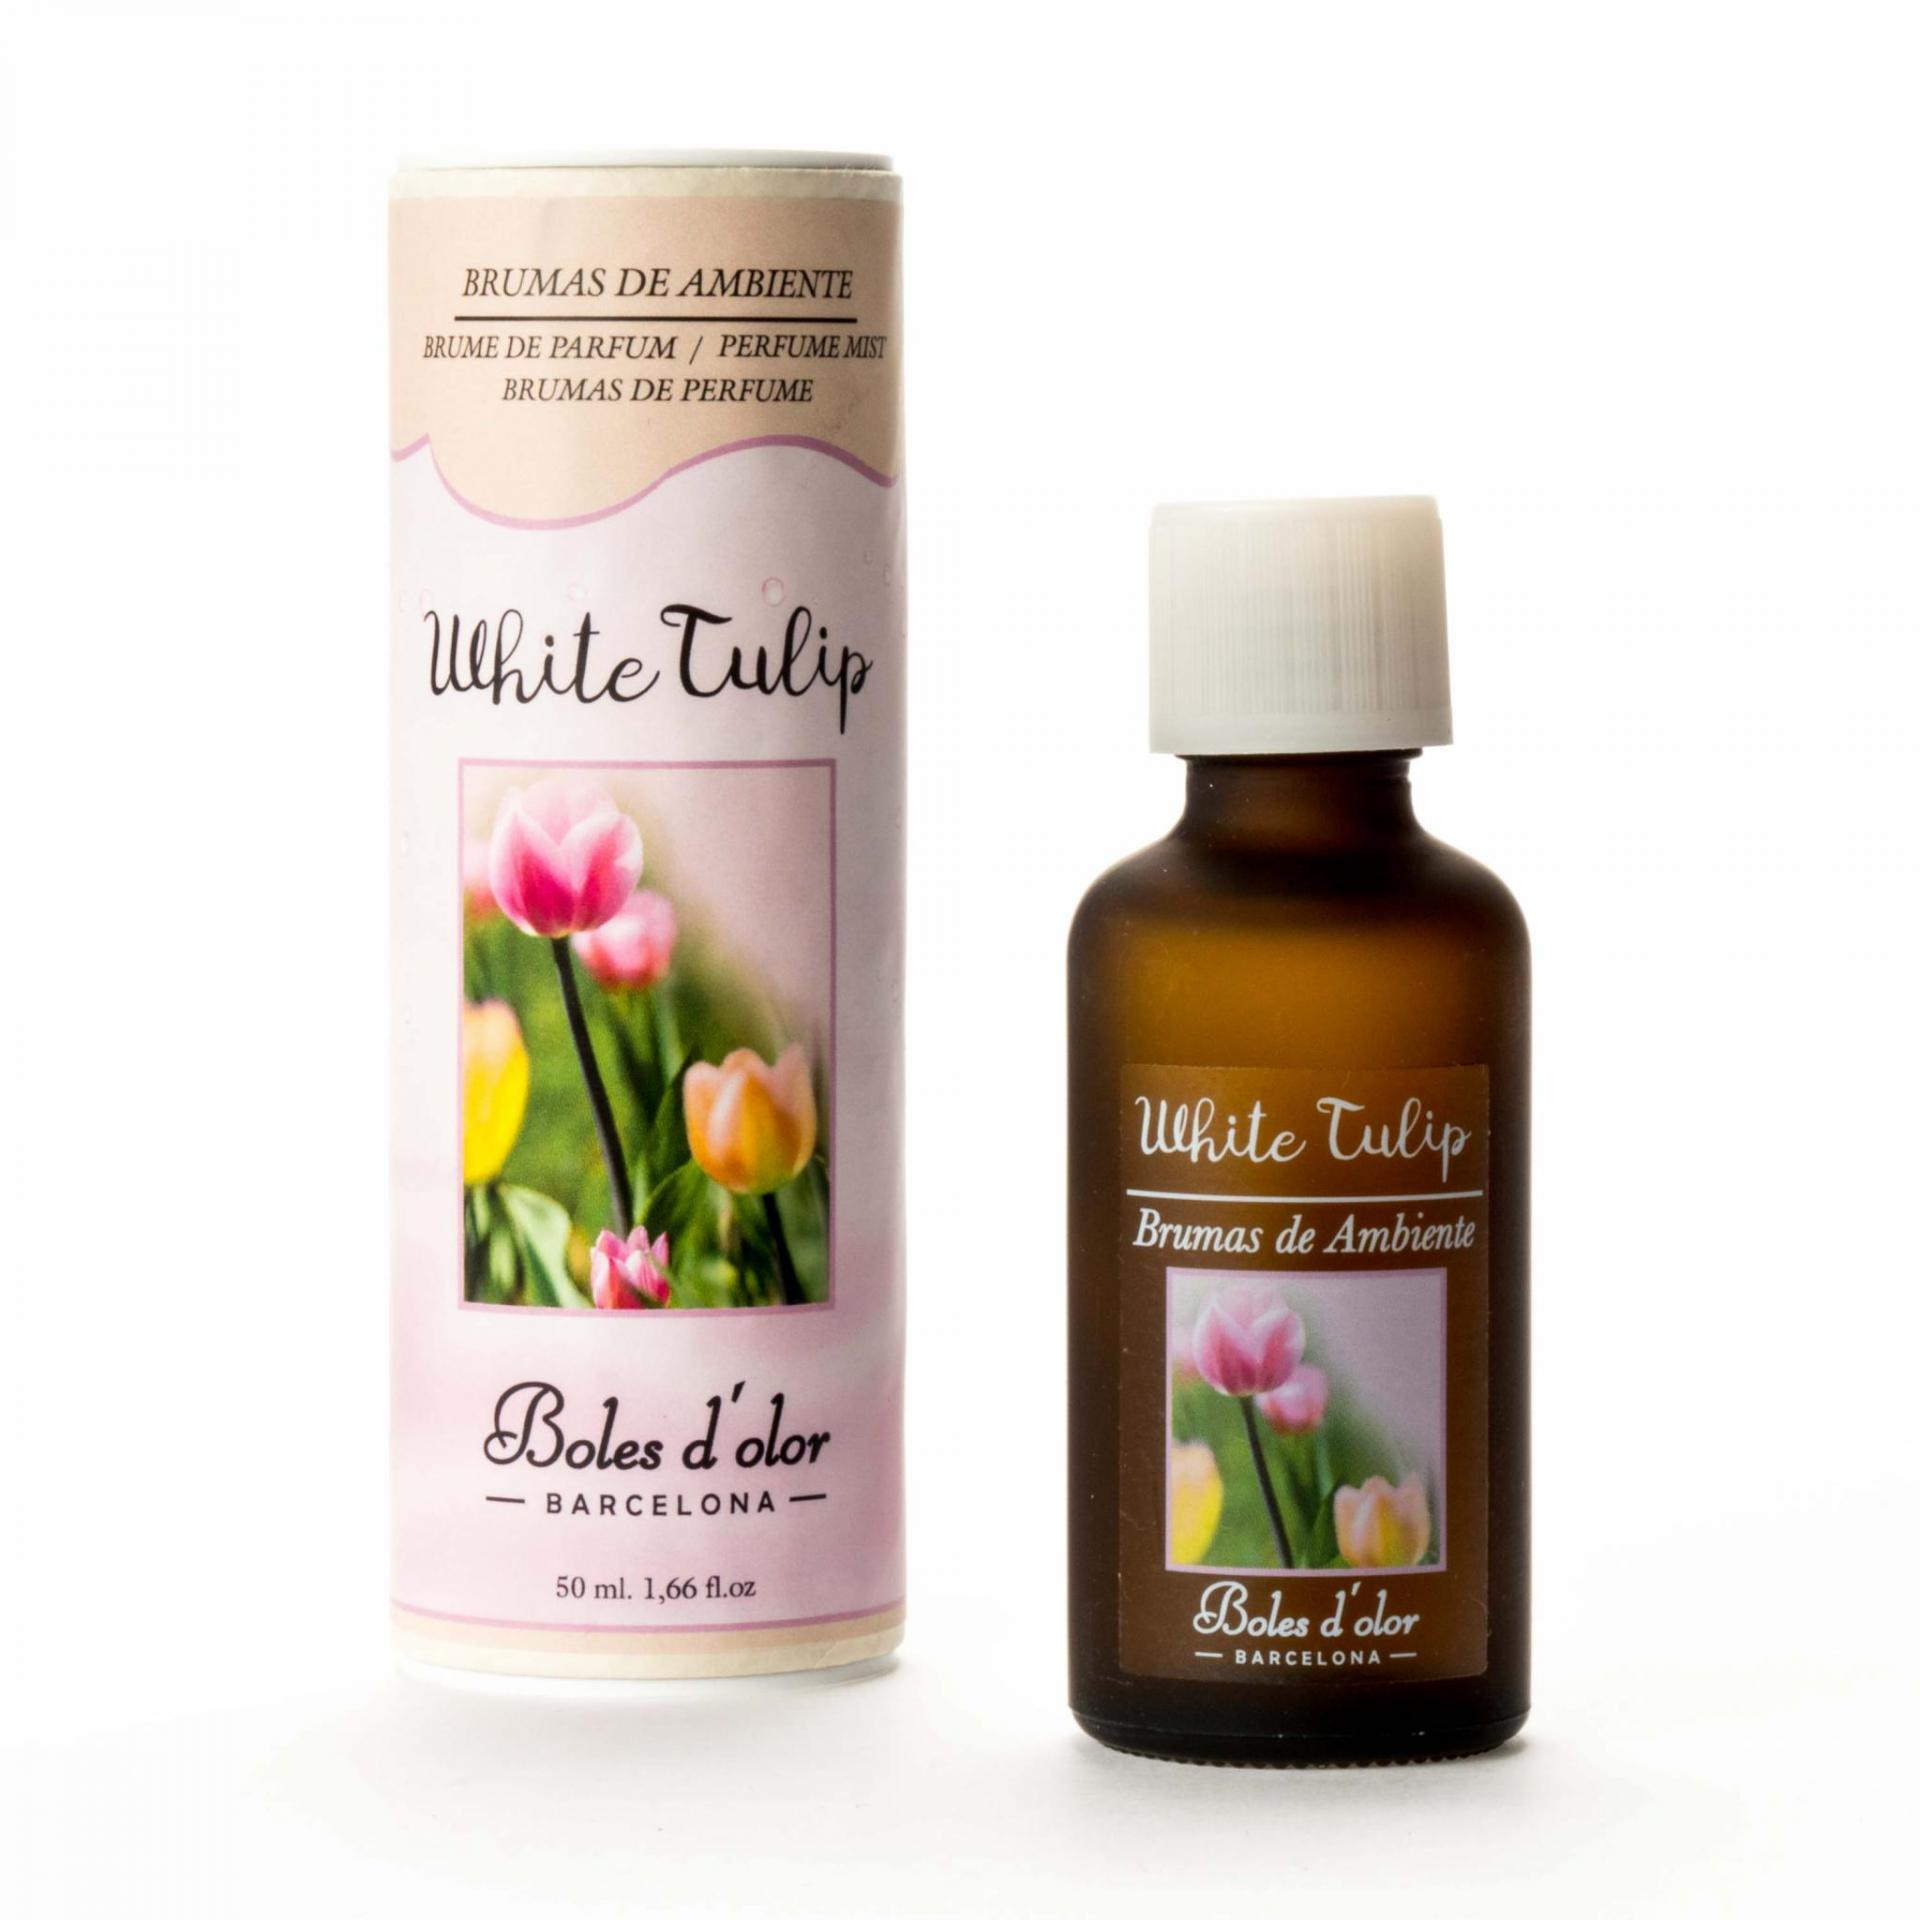 Hidrofragrância 50ml White Tulip Boles d'Olor